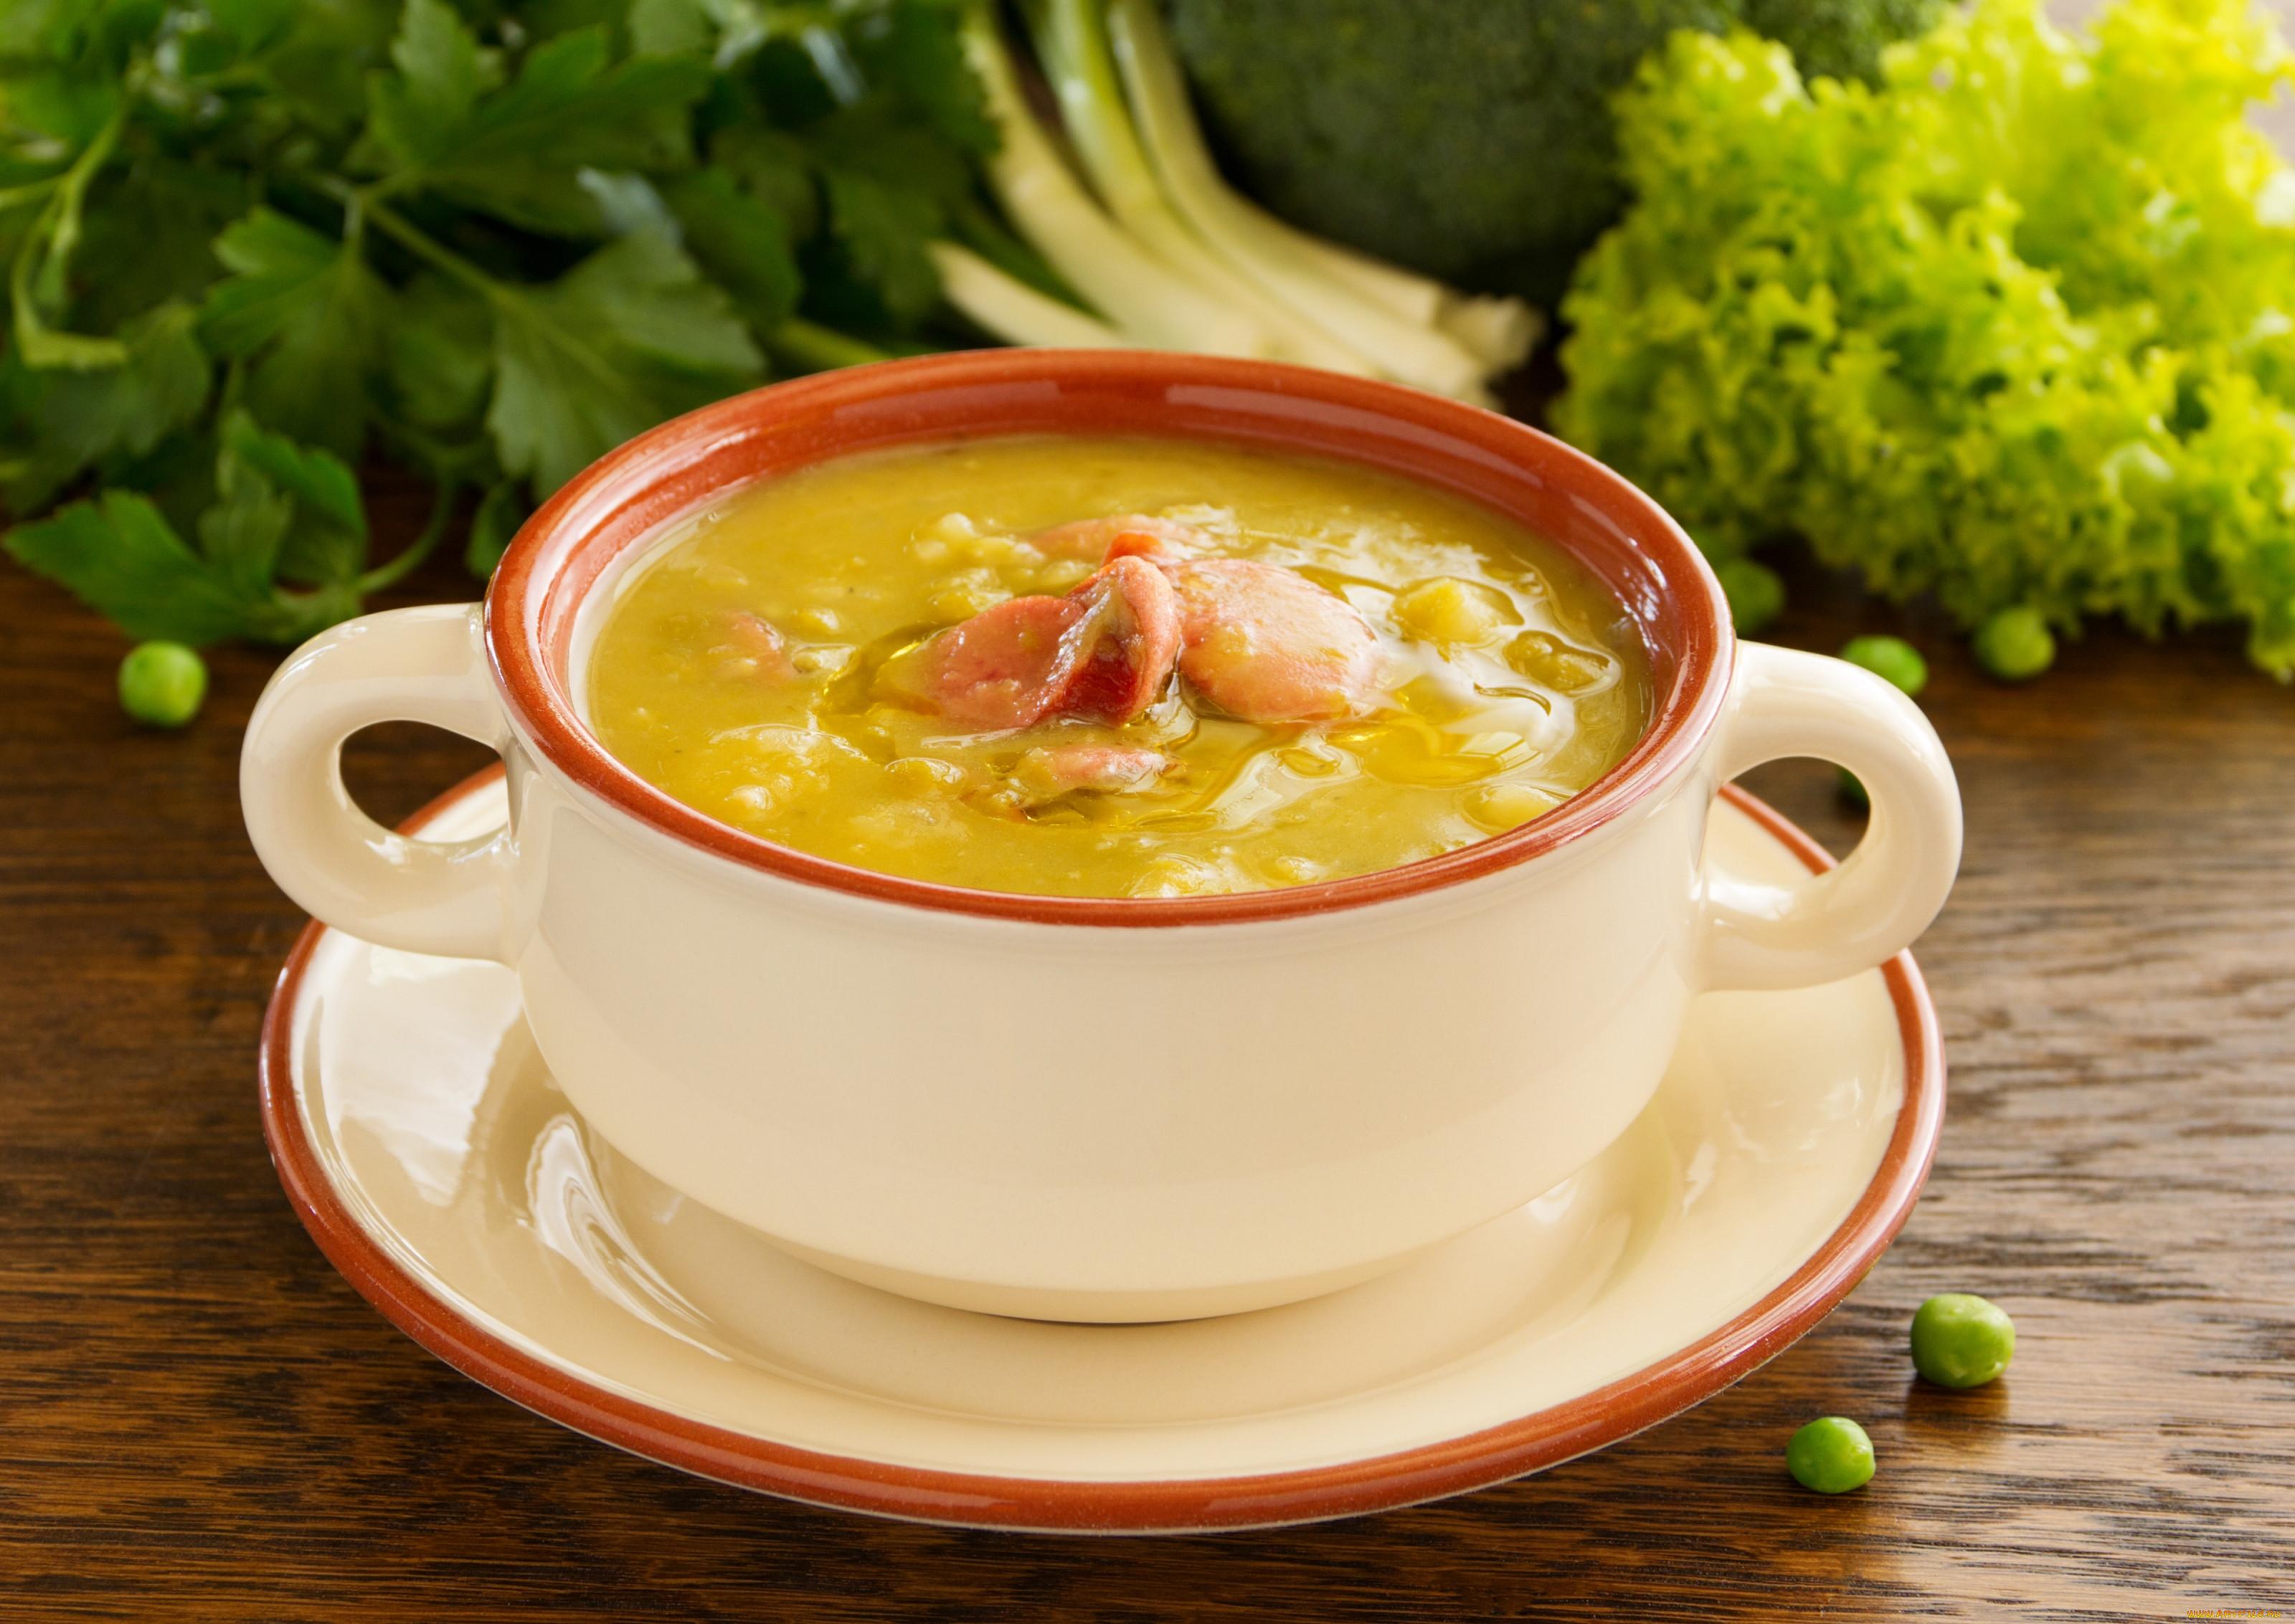 цены картинка горохового супа этот день